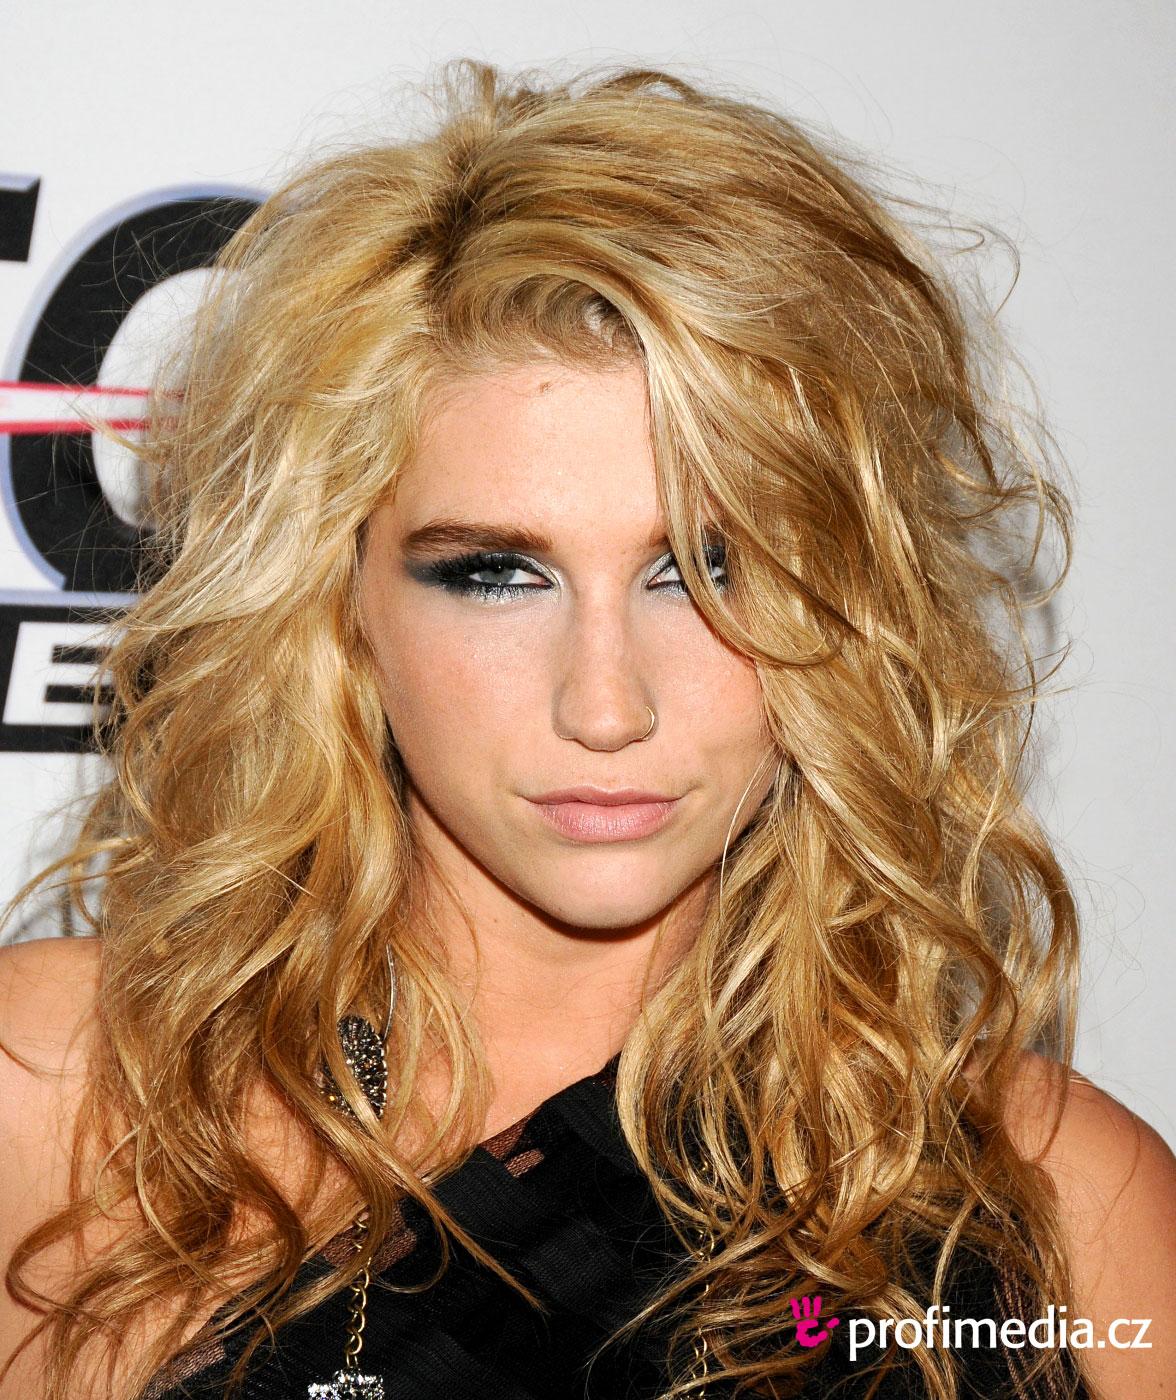 http://1.bp.blogspot.com/-tbxpivYmMws/Tn6naOLZHKI/AAAAAAAABKw/pM0FM6d9sCo/s1600/Funky-Eyeshadow-Makeup-of-Kesha-02.jpg